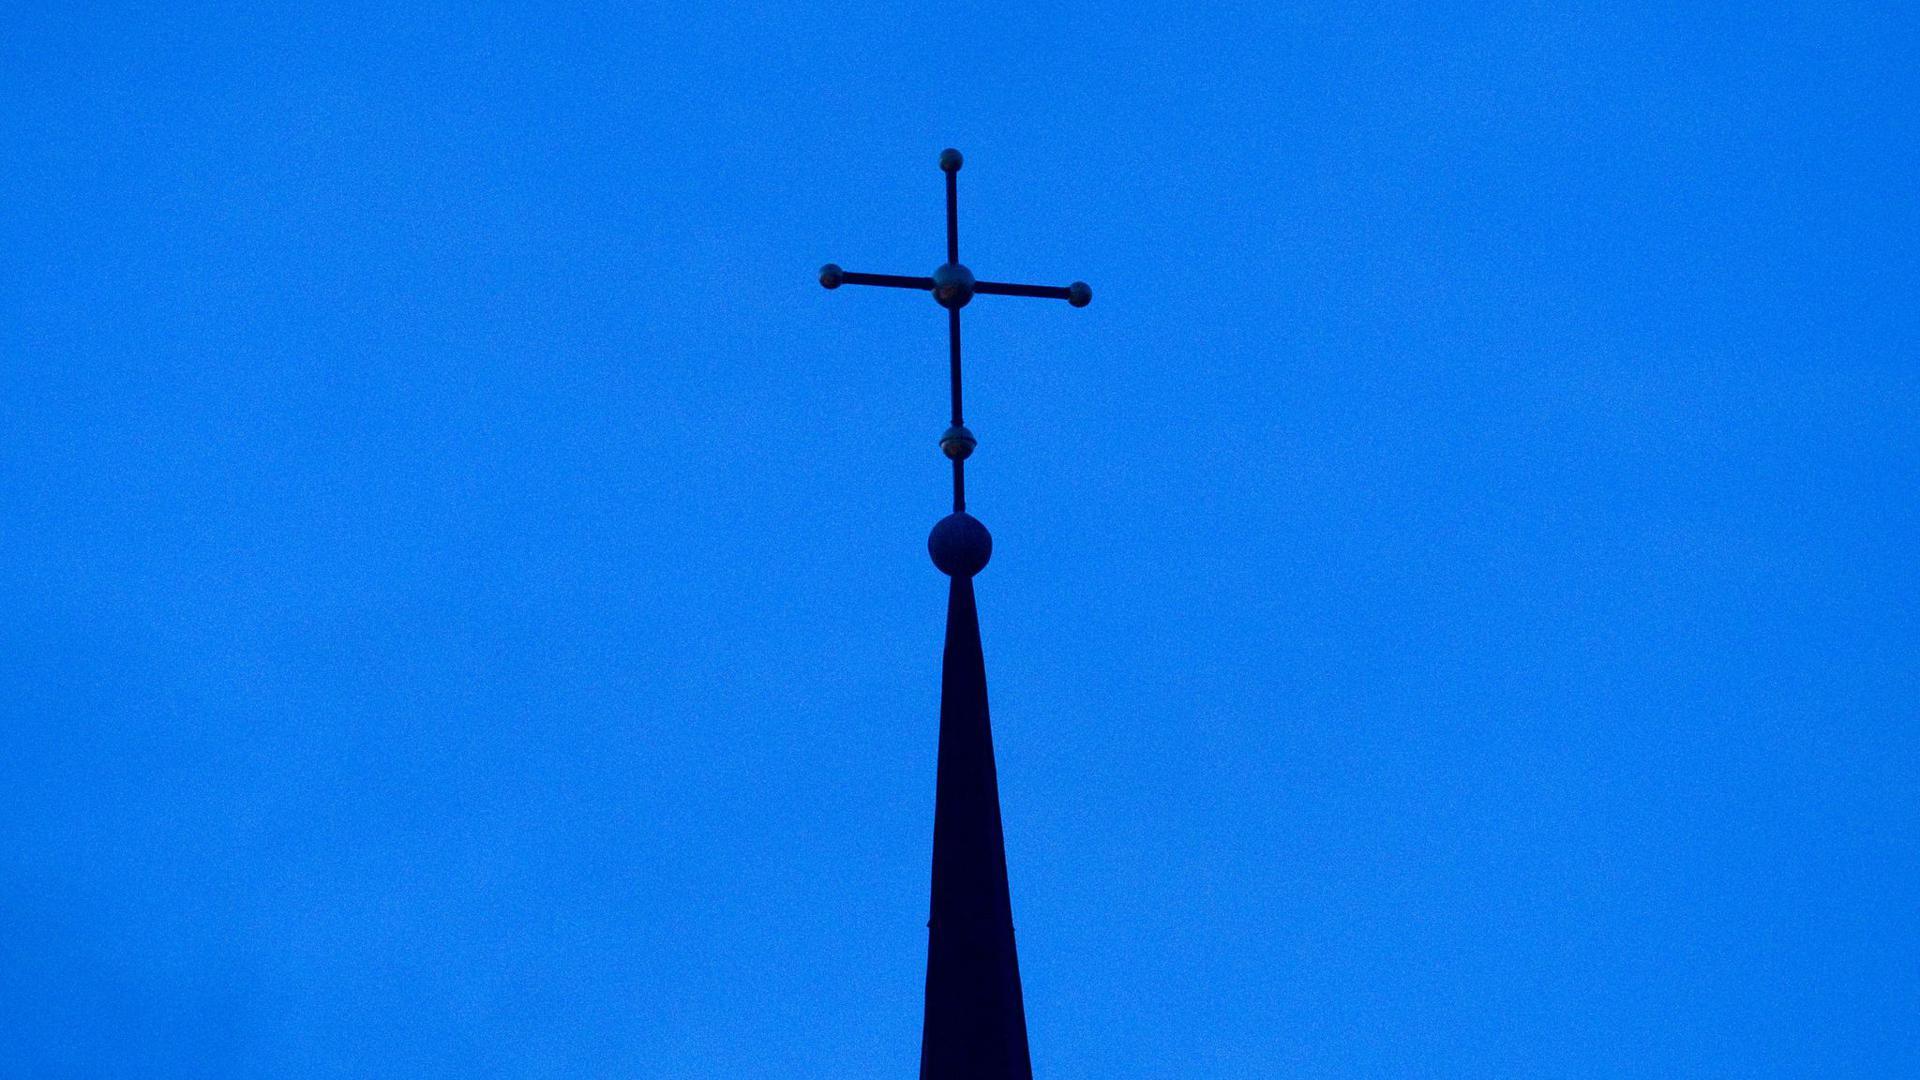 Das Kreuz einer evangelisch-lutherischen Kirche ist in der Abenddämmerung zu sehen. Die Evangelische Kirche in Deutschland zu Weihnachten auch wieder auf Online-Angebote für die Gläubigen.